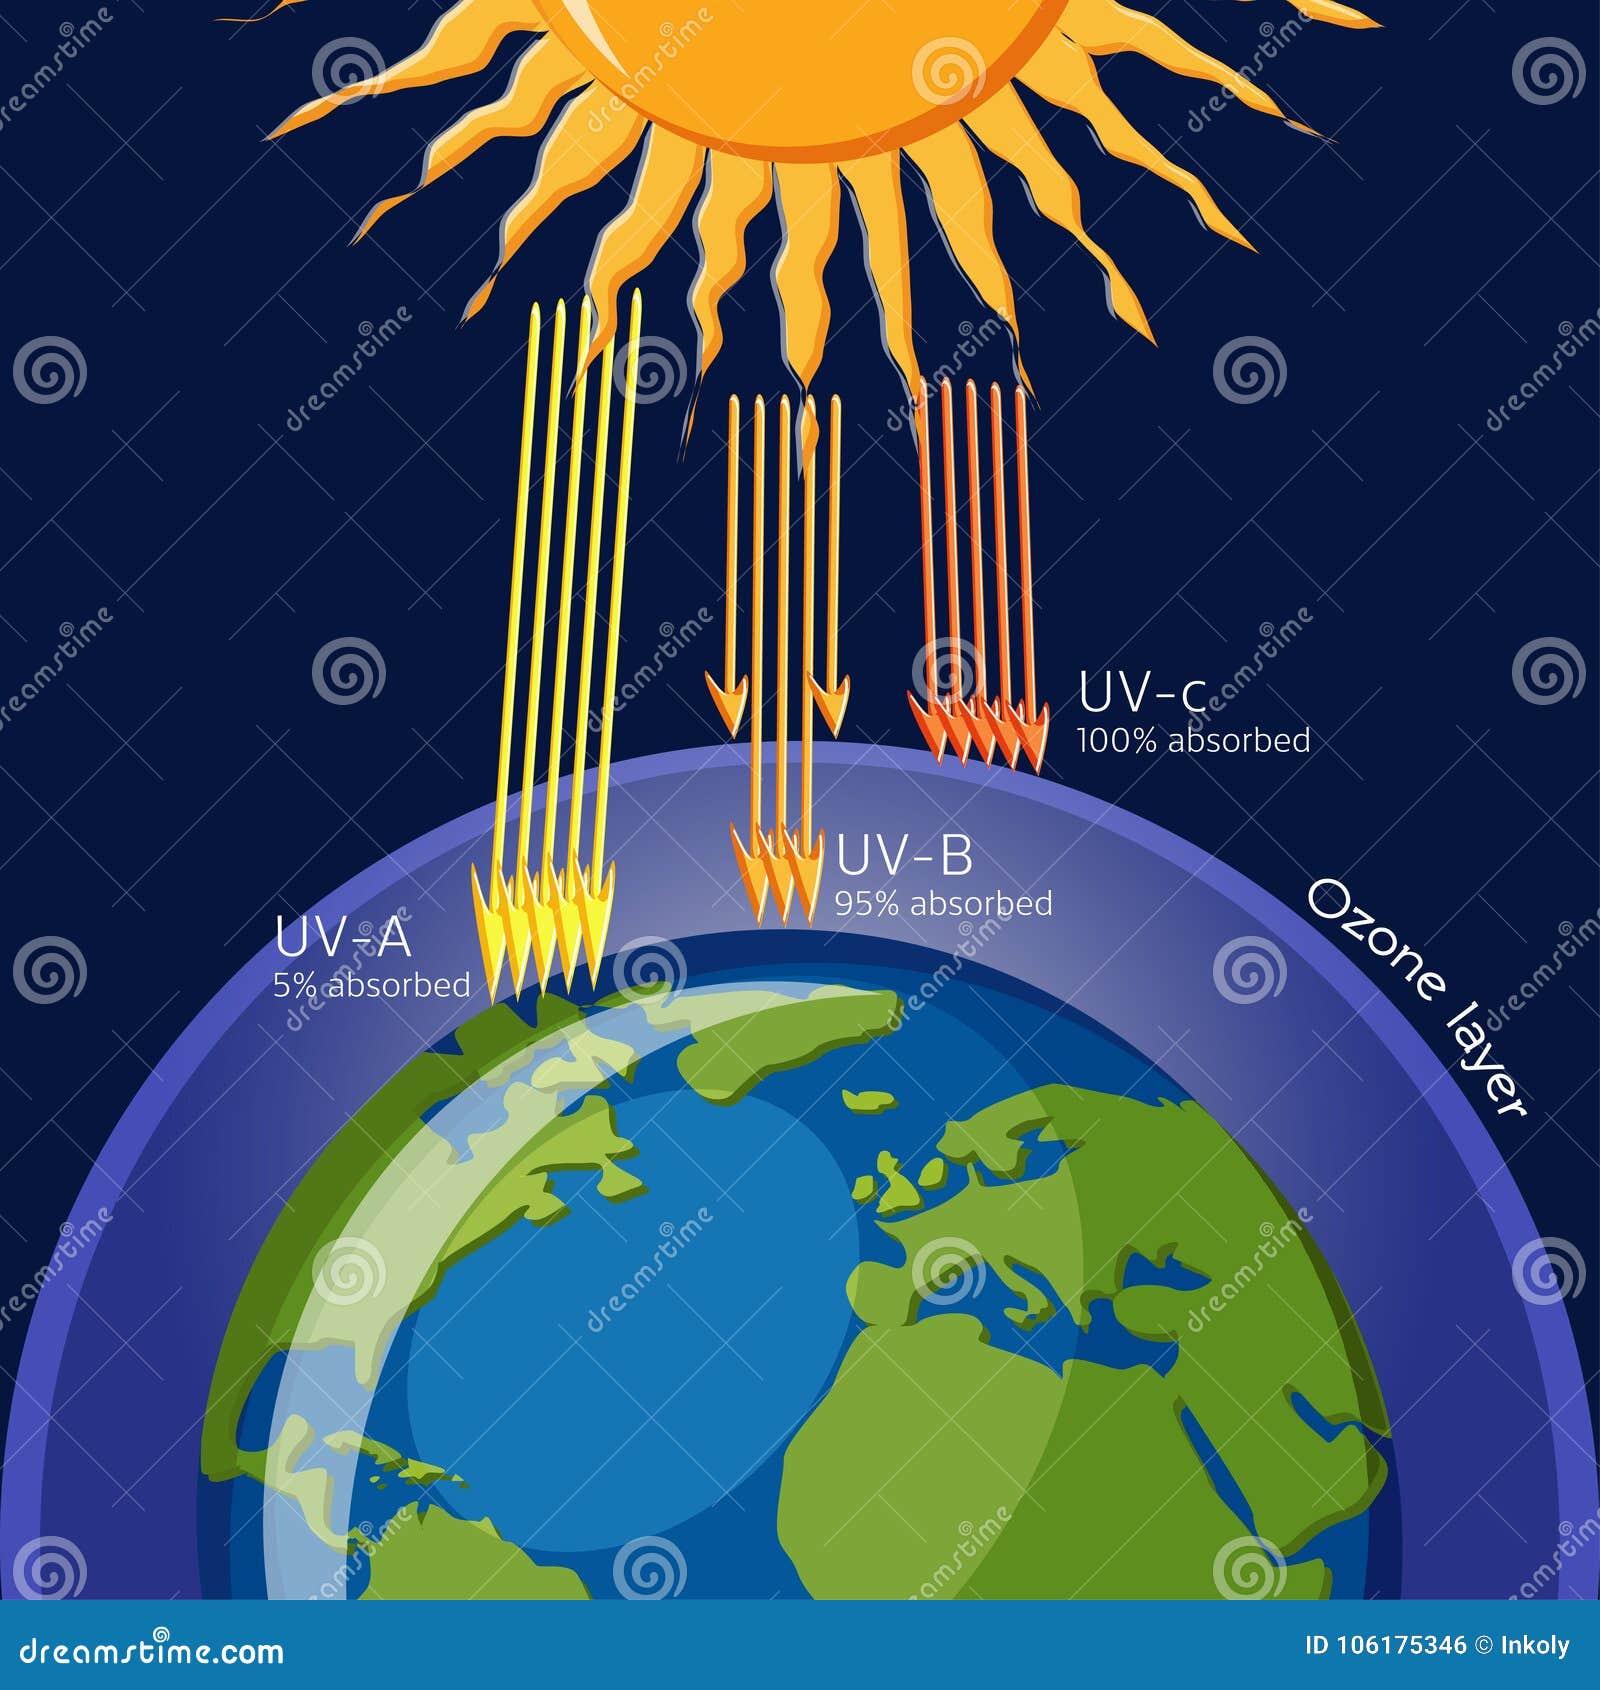 臭氧层保护免受紫外线辐射